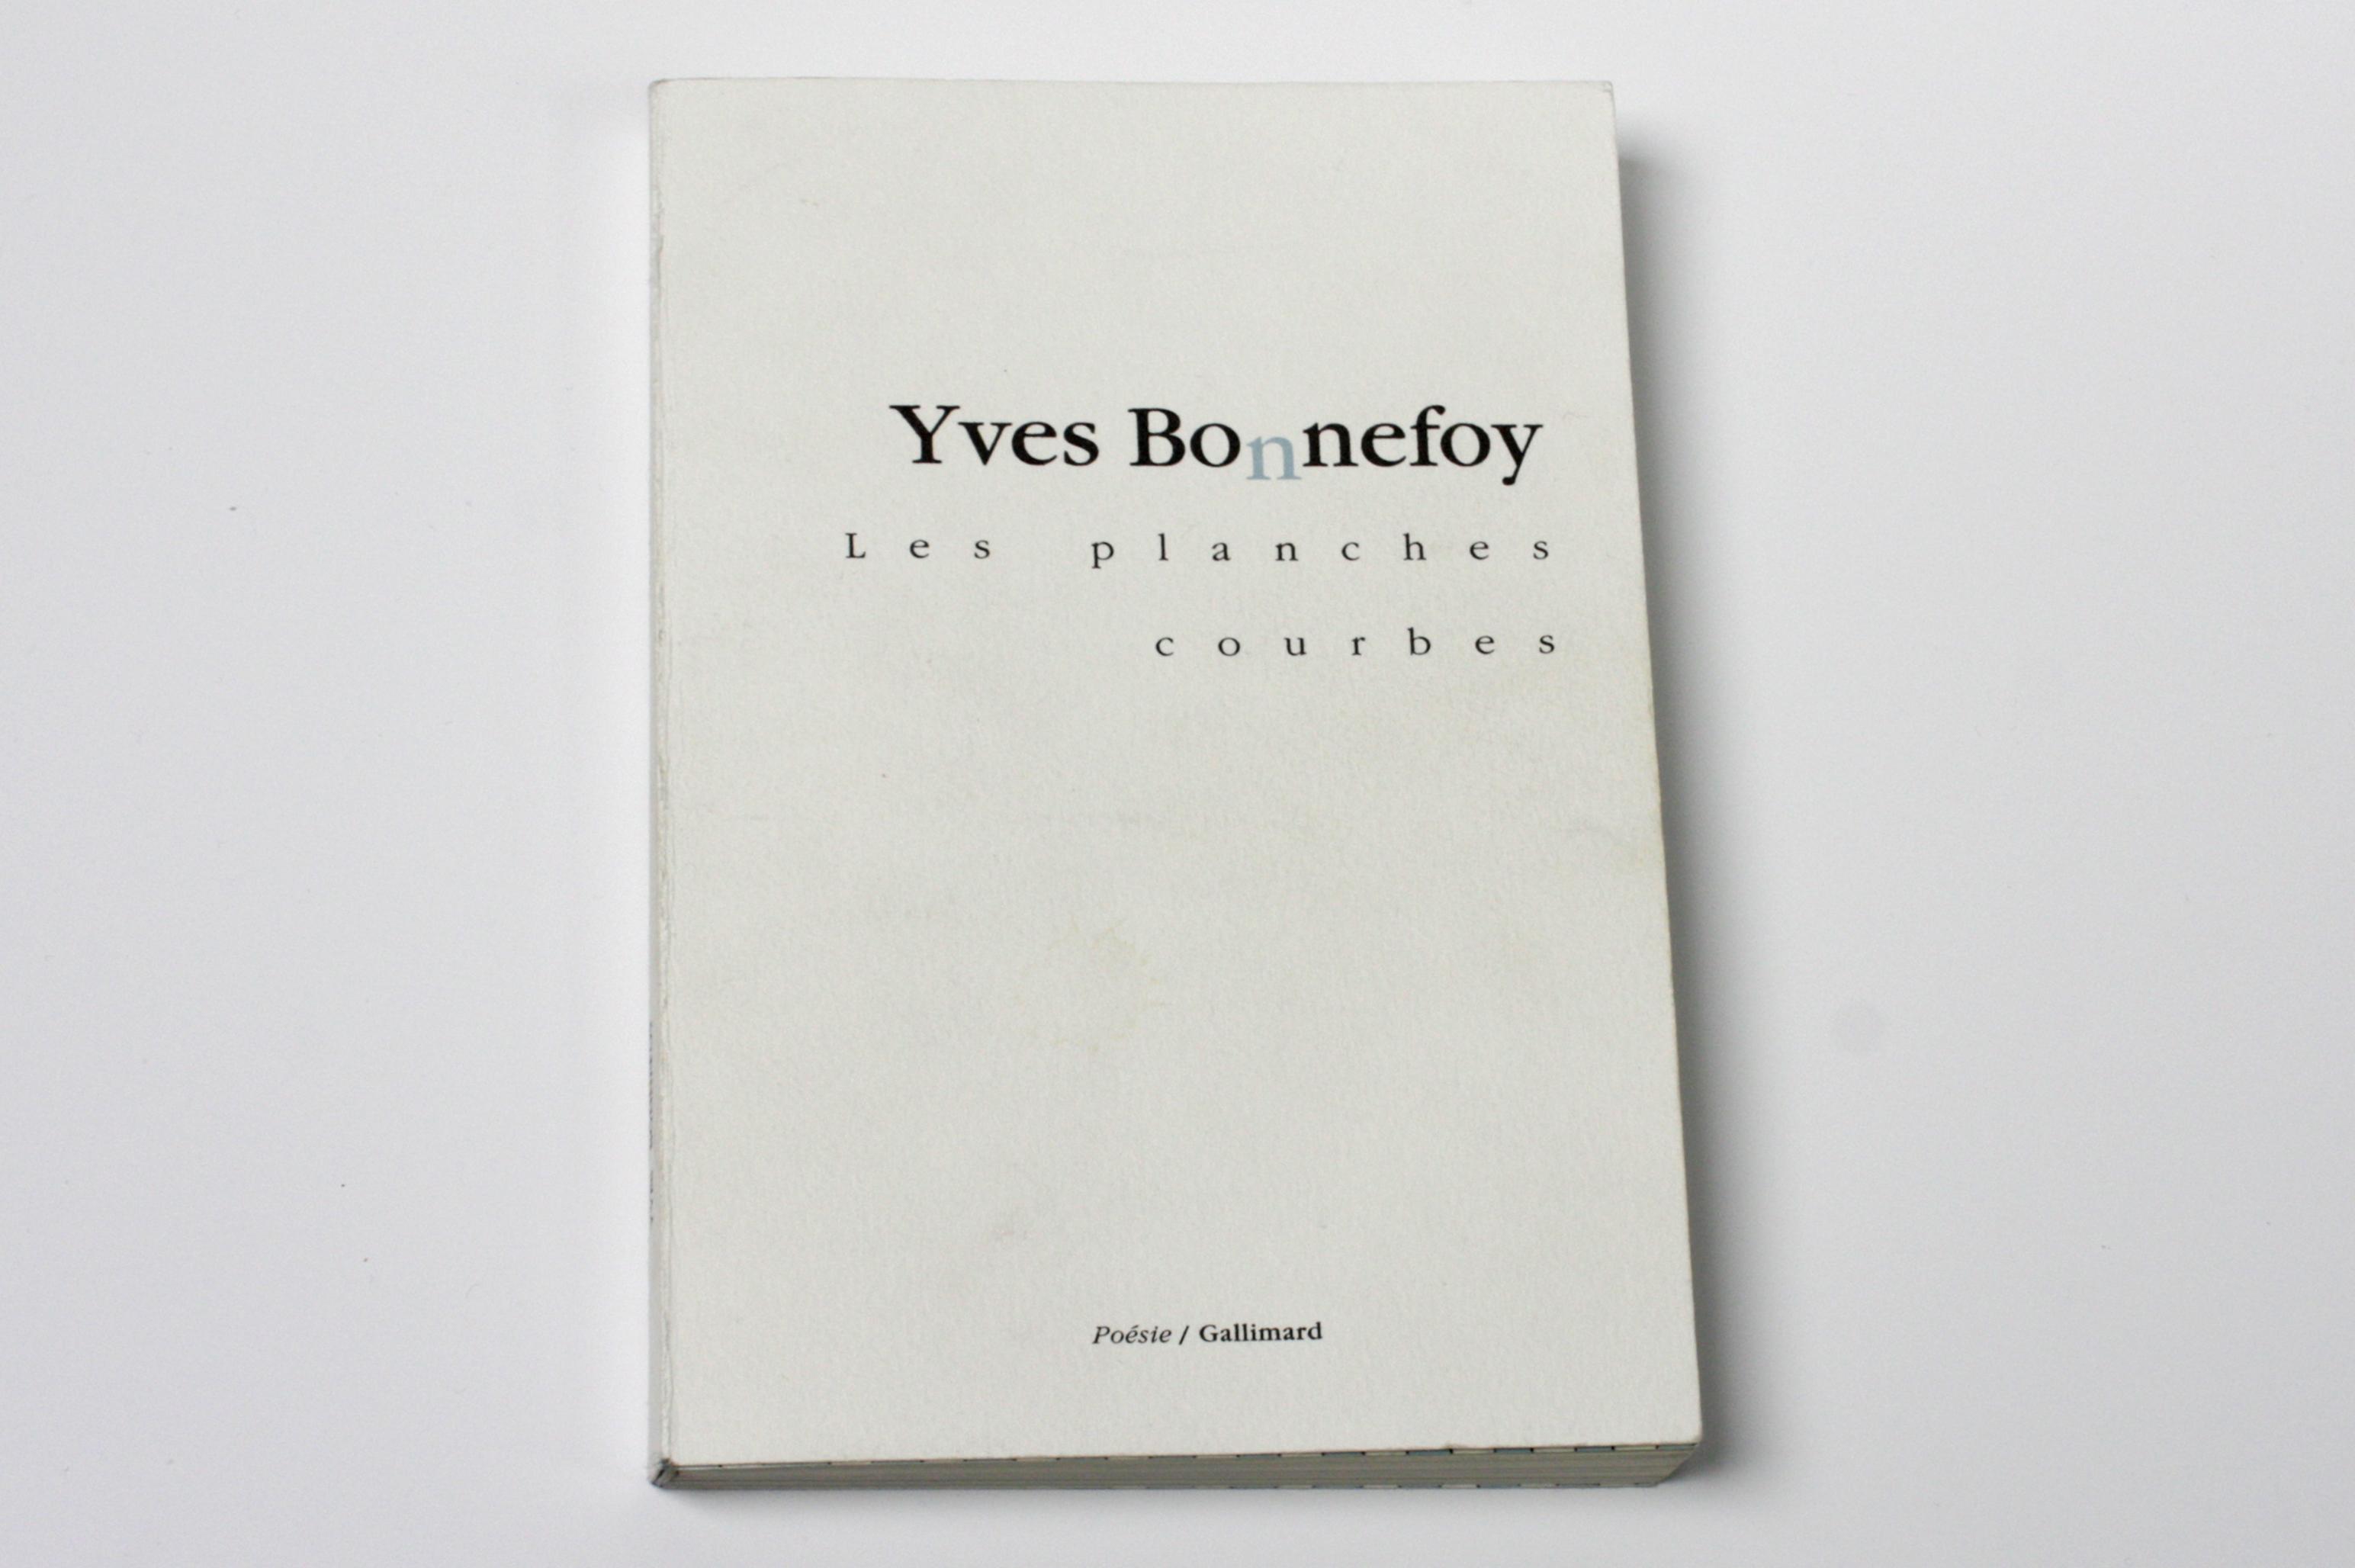 Les Planches Courbes Yves Bonnefoy Cobstudio